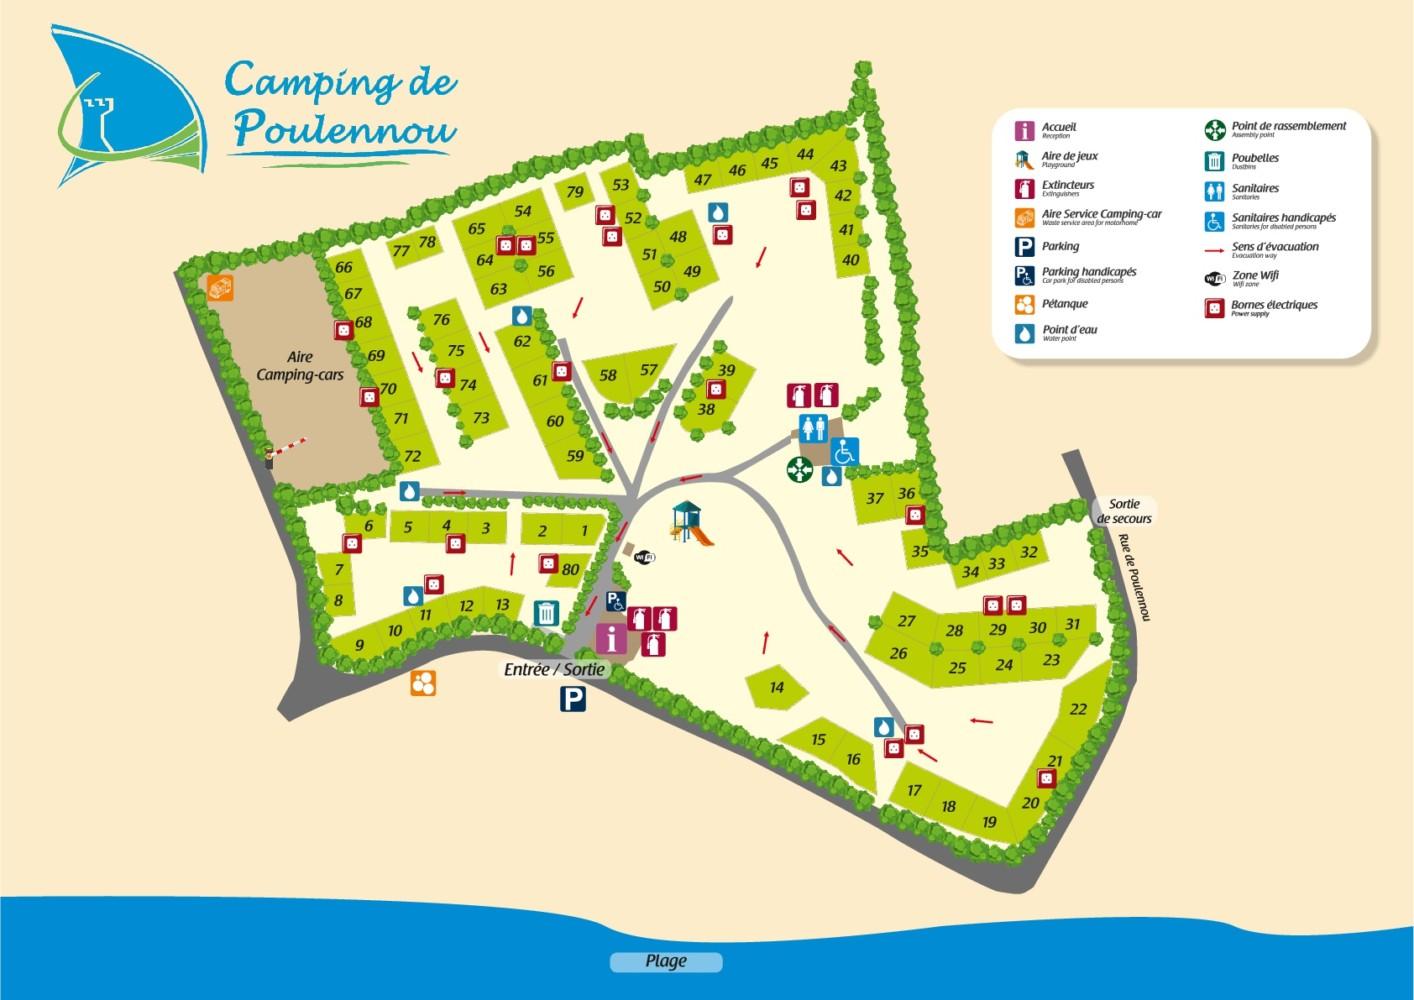 Plan des emplacements - Camping Poulennou